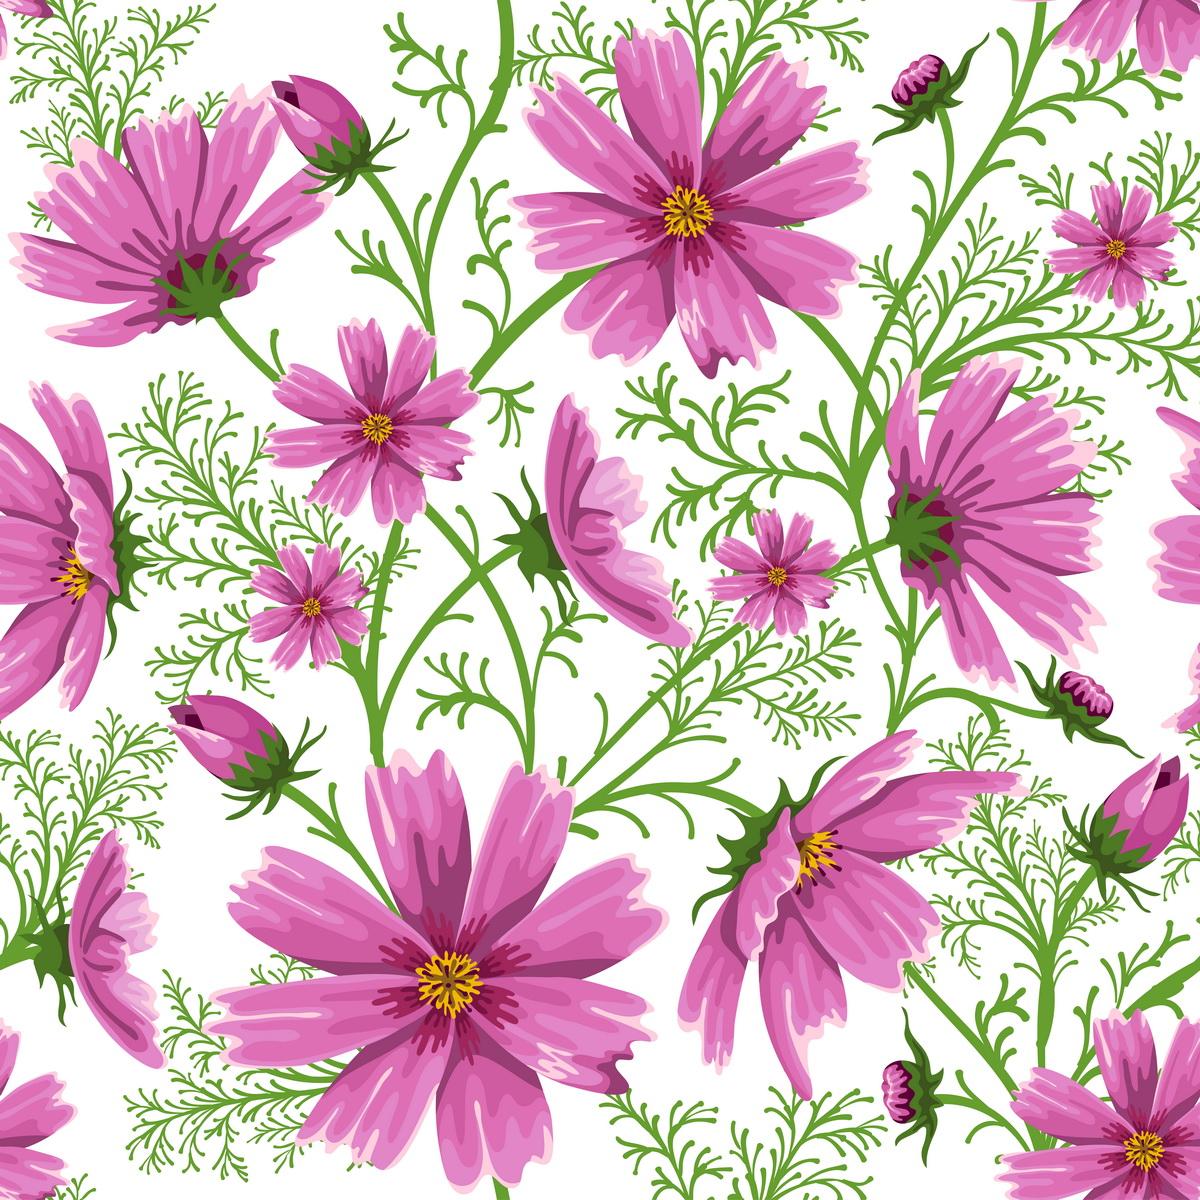 Бесплатные фоны. Цветы.